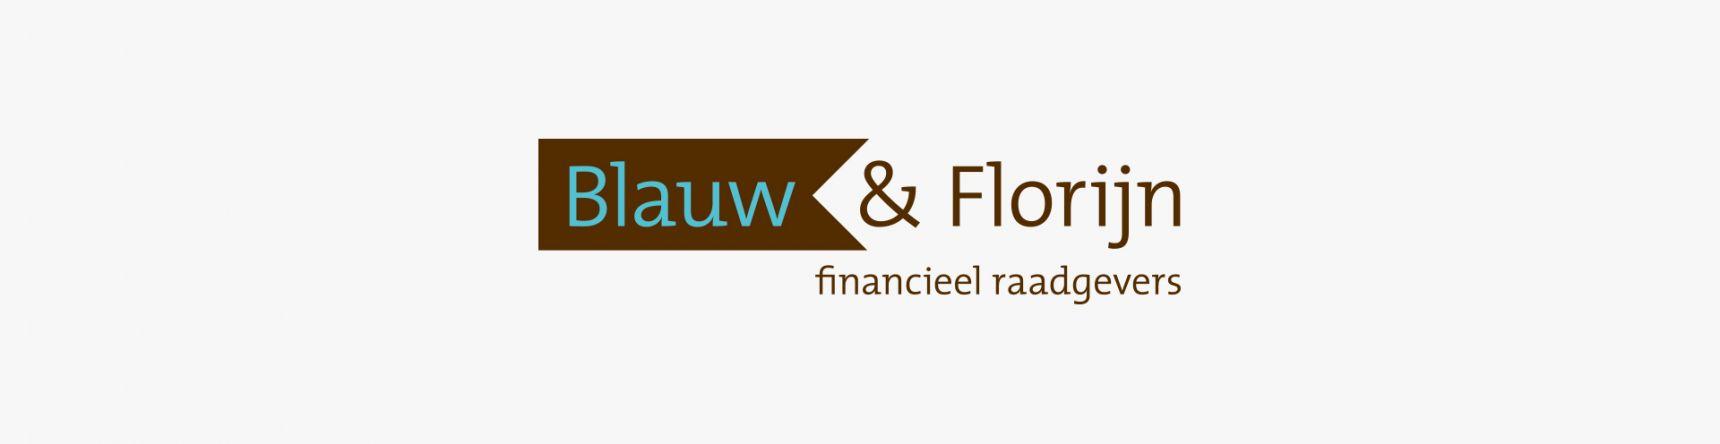 Blauw & Florijn.<br>Duidelijk en makkelijk